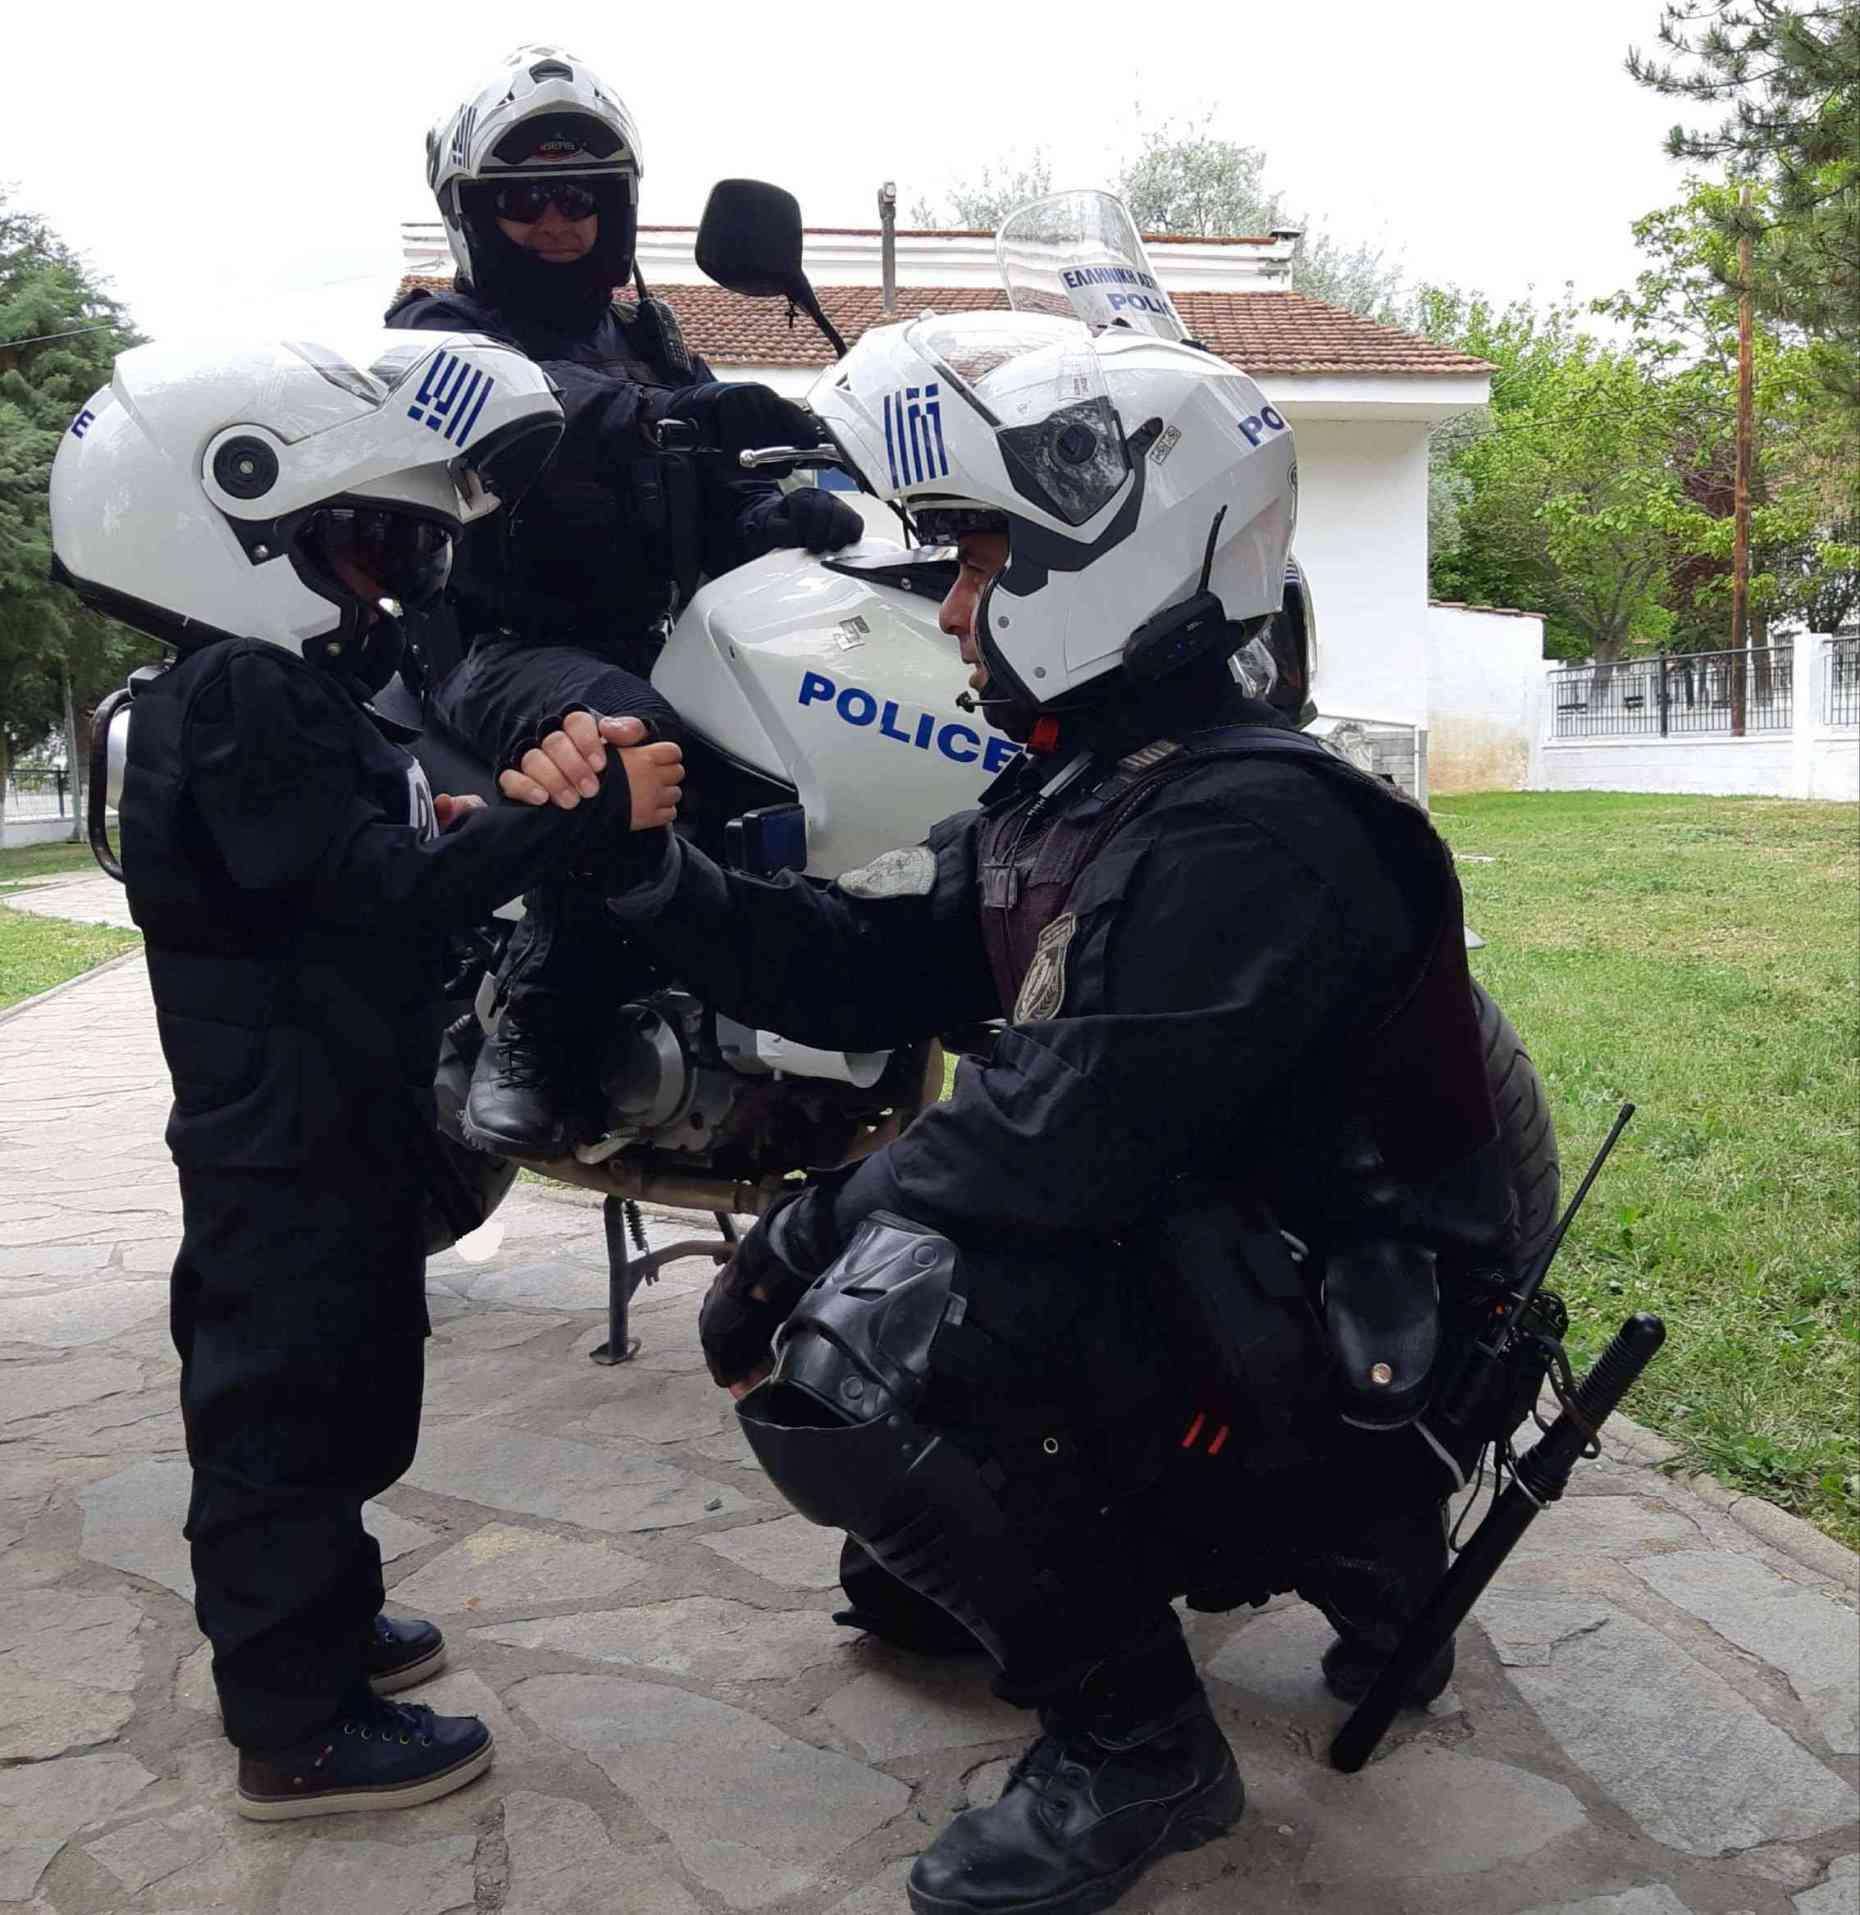 Η Γενική Περιφερειακή Αστυνομική Διεύθυνση Δυτικής Μακεδονίας για την αυριανή γιορτή του πατέρα